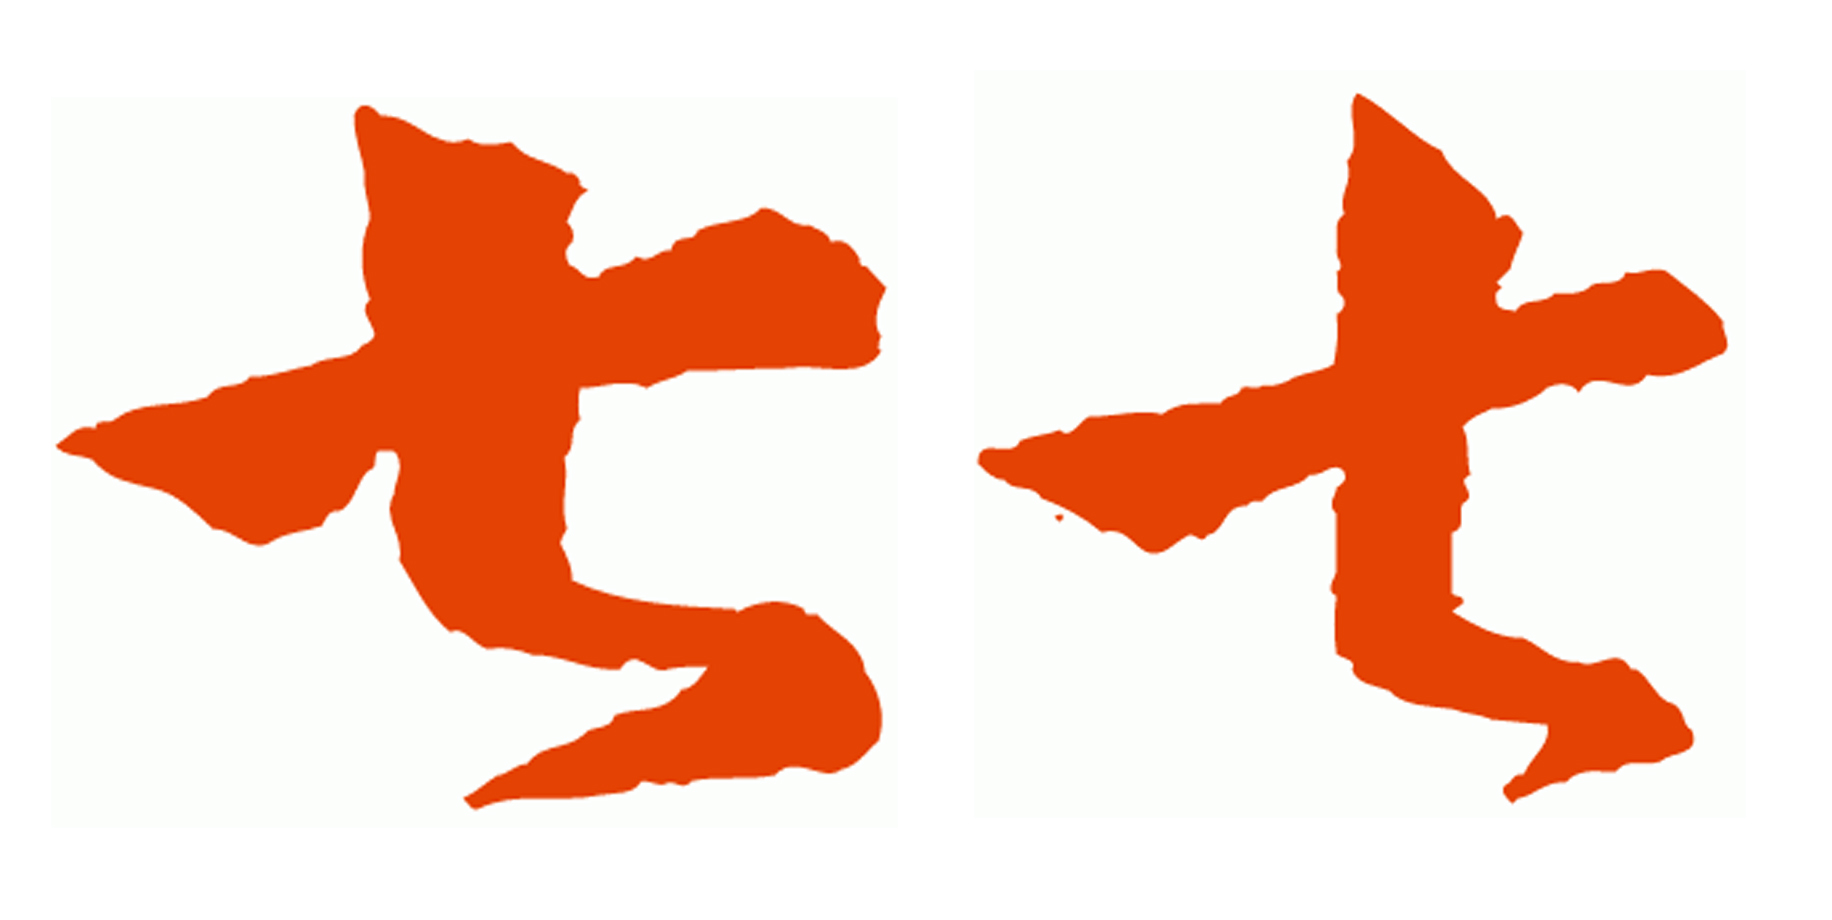 logo logo 标志 设计 矢量 矢量图 素材 图标 1832_920图片